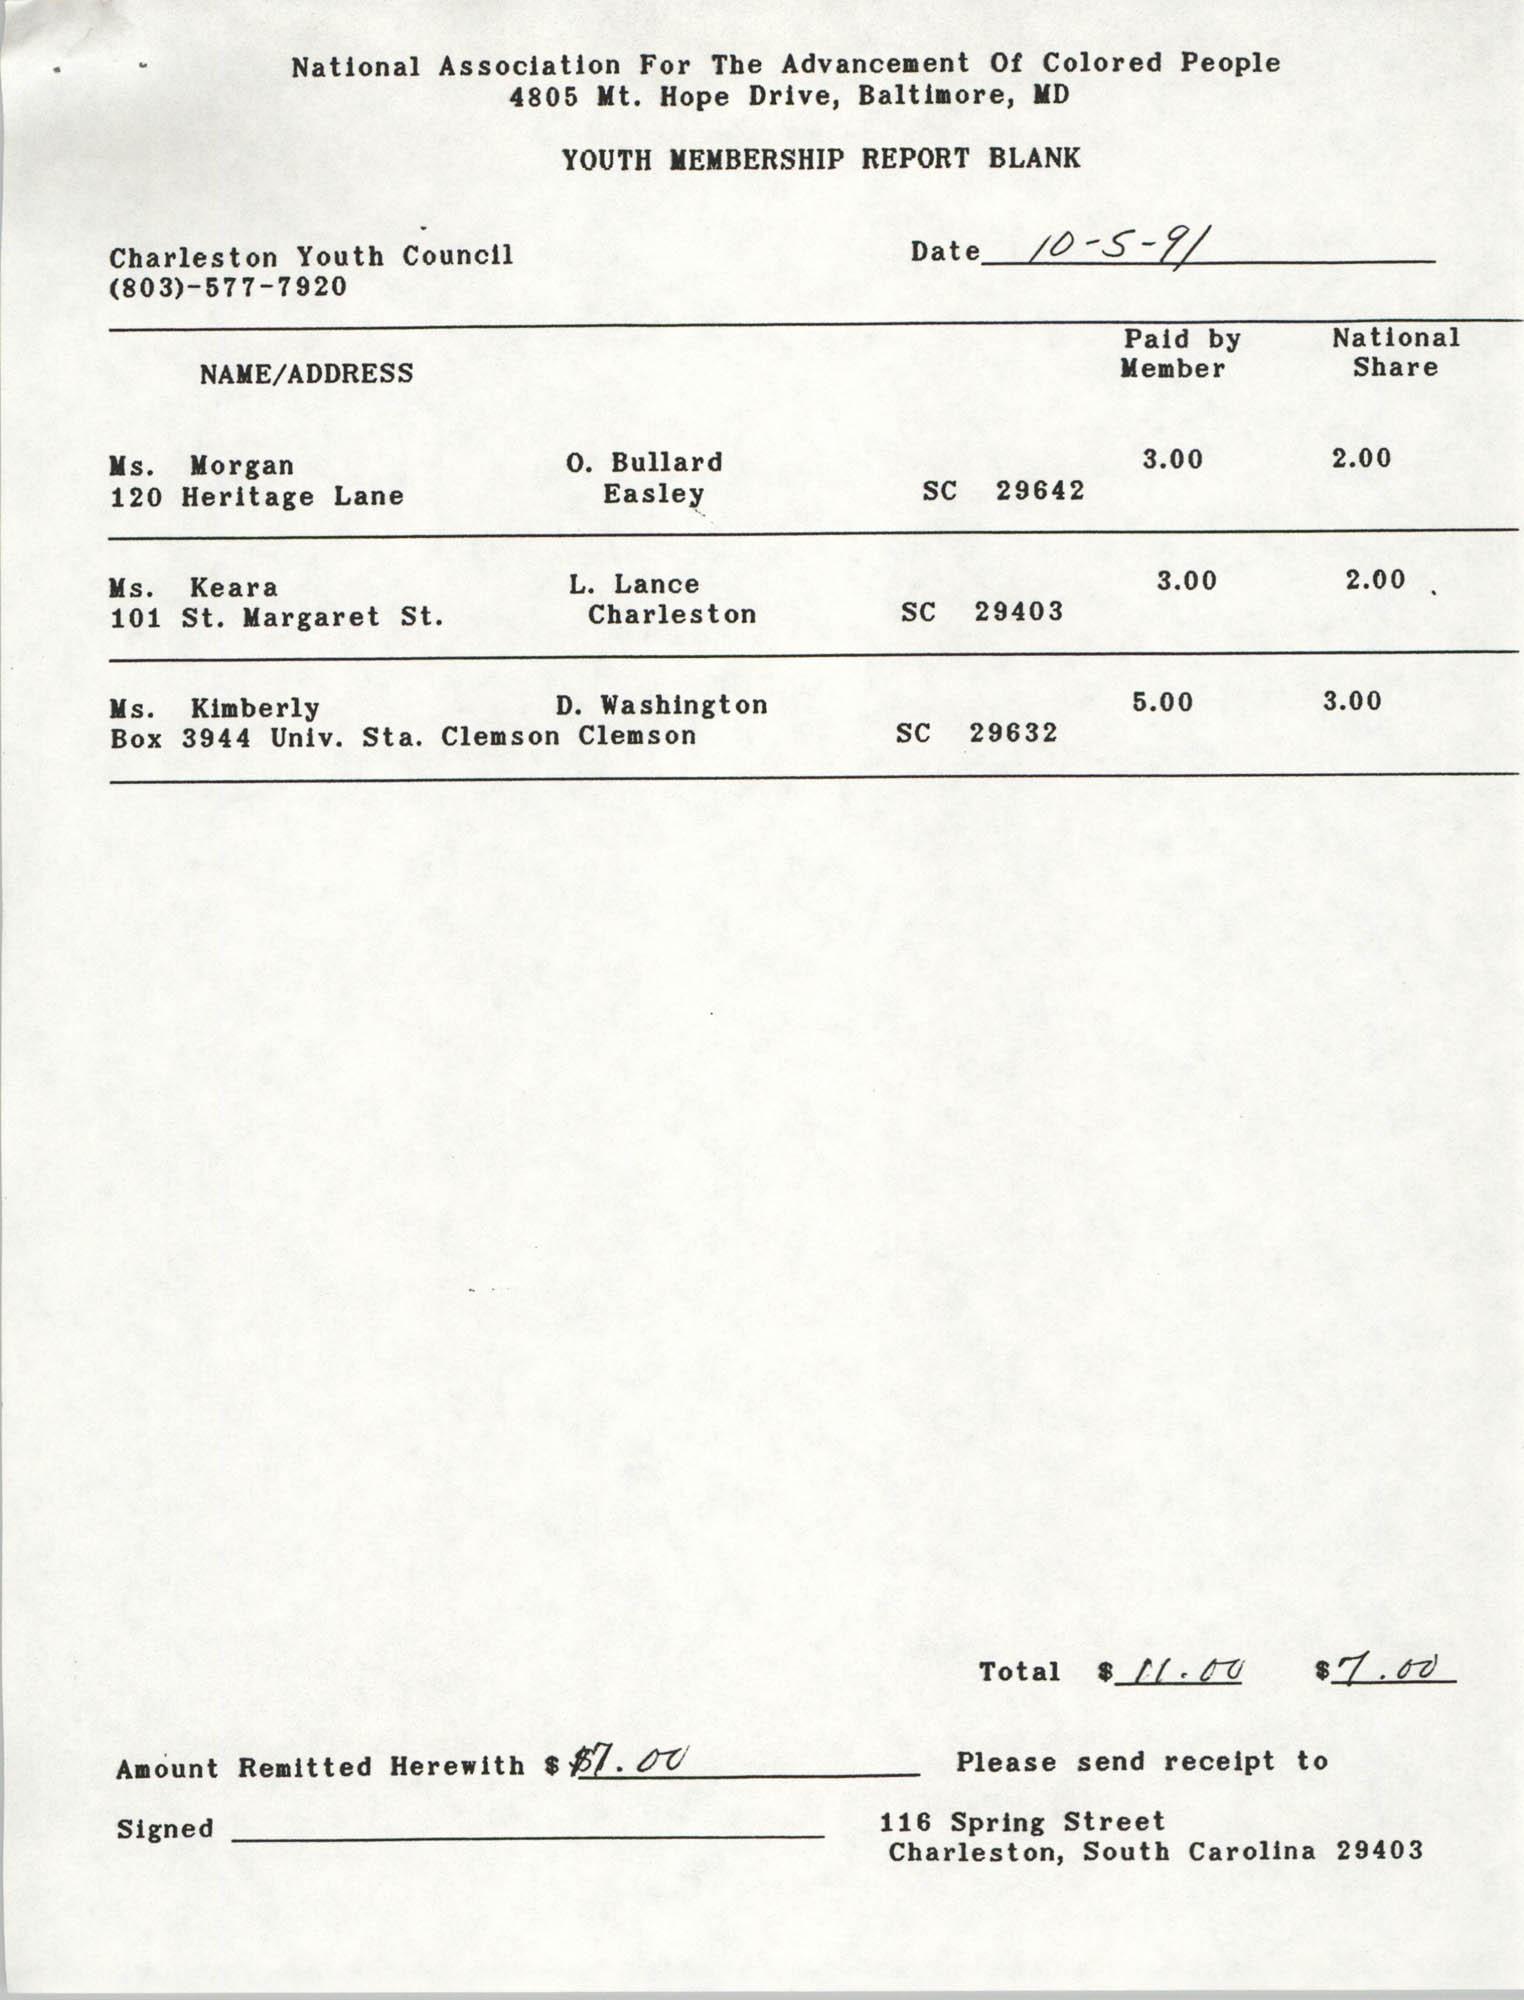 Youth Membership Report Blank, Charleston Youth Council, NAACP, Barbara Kingston, October 5, 1991